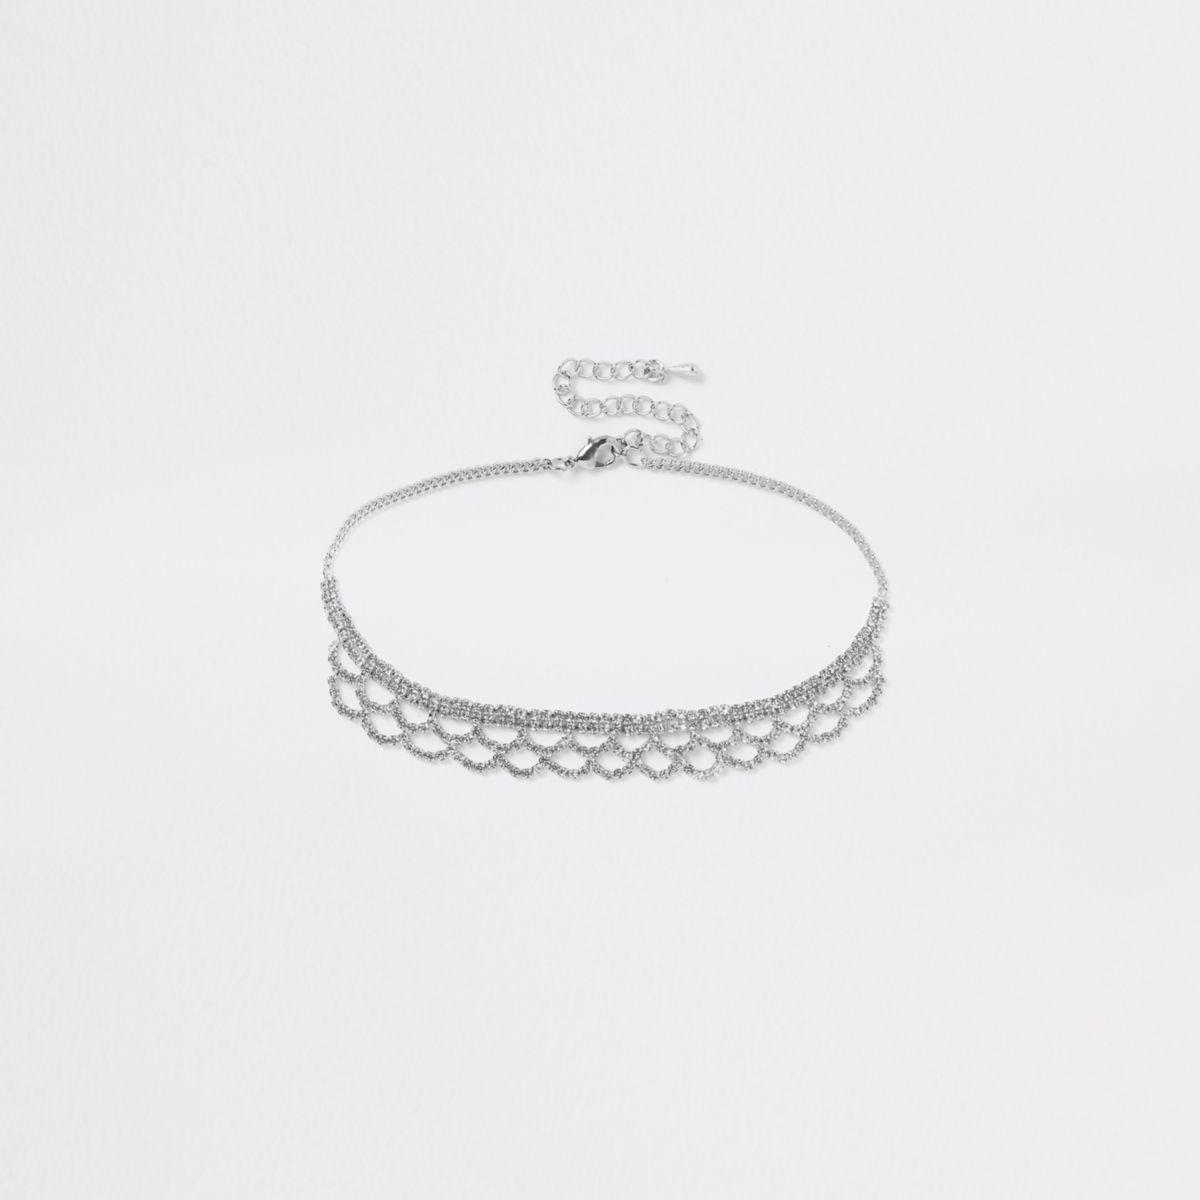 Silver tone scallop cup chain choker